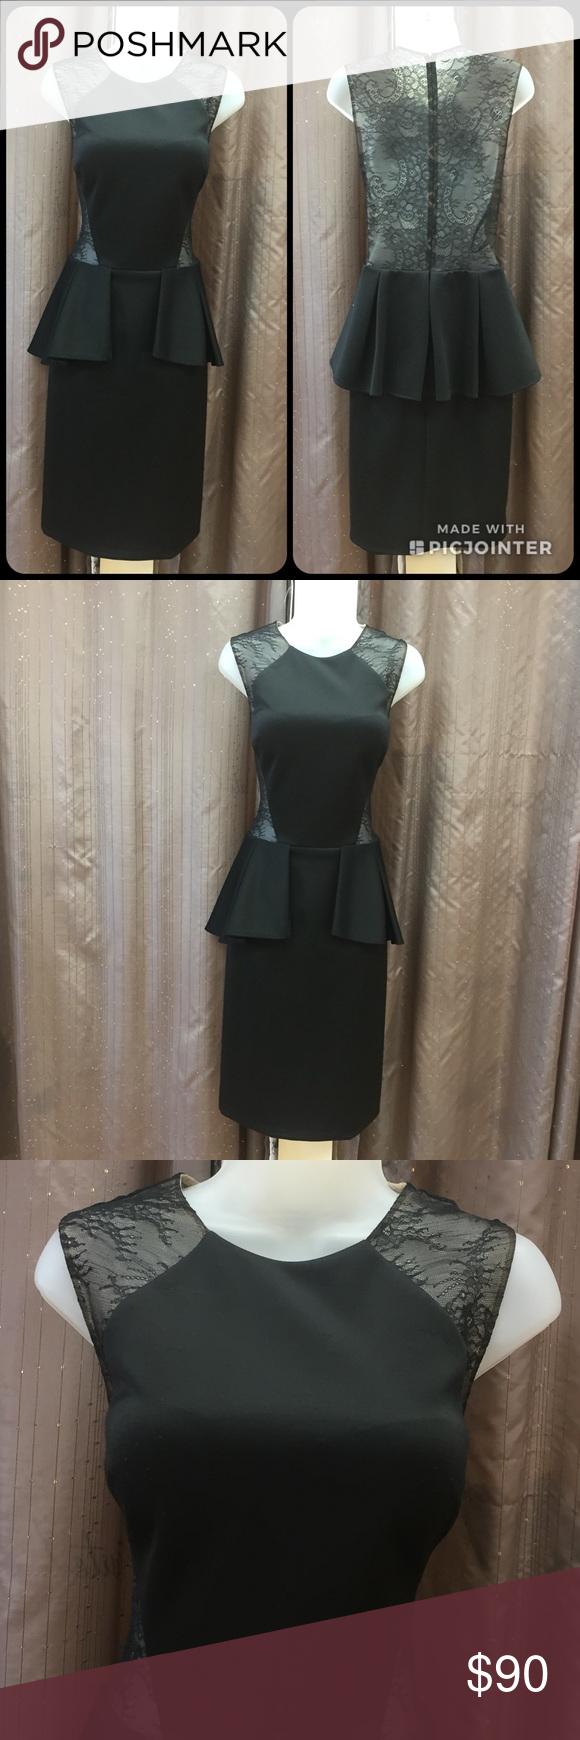 Jovani Short Black Dress Size 12 With Lace Black Short Dress Dresses Black Dress [ 1740 x 580 Pixel ]